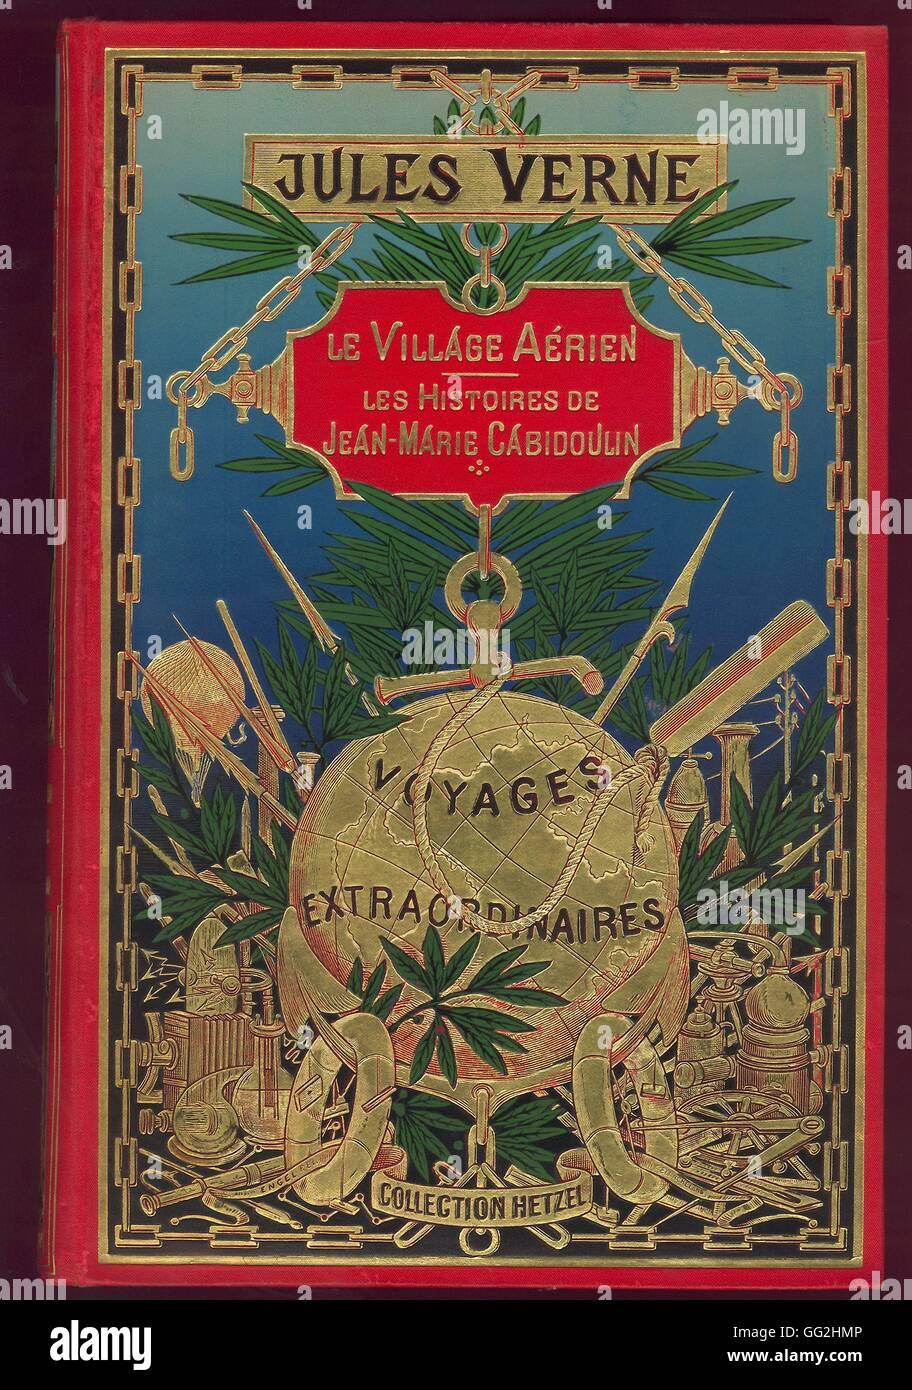 Cover Le Village aérien - Les histoires de Jean-Marie Cabidoulin Les Voyages Extraordinaires, Jules Verne Editions - Stock Image